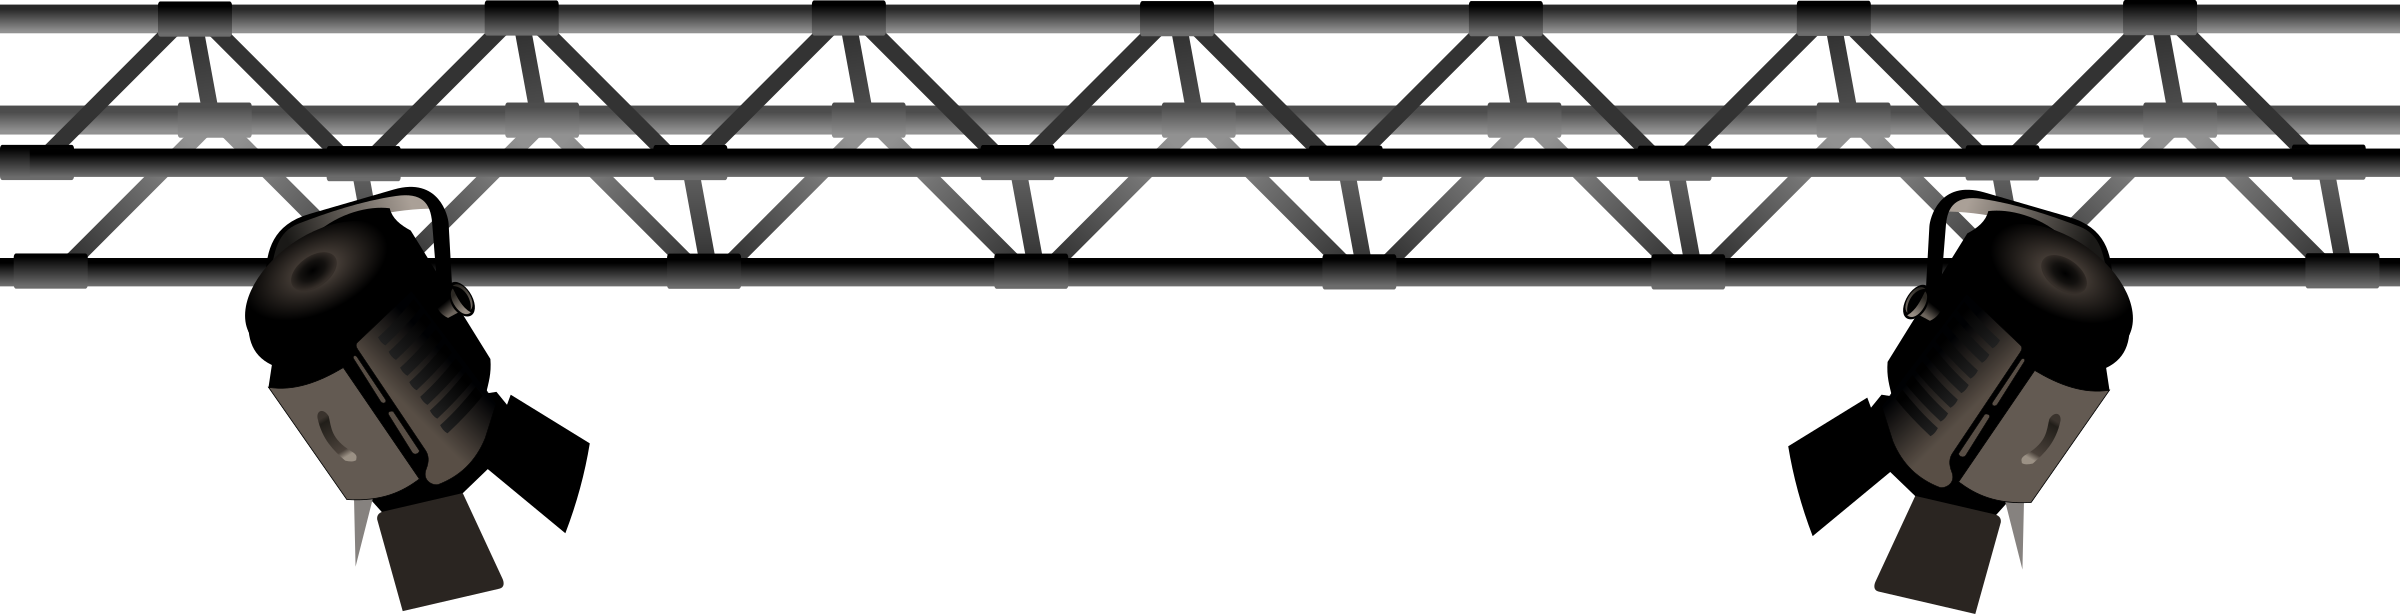 Image result for spotlight clip art